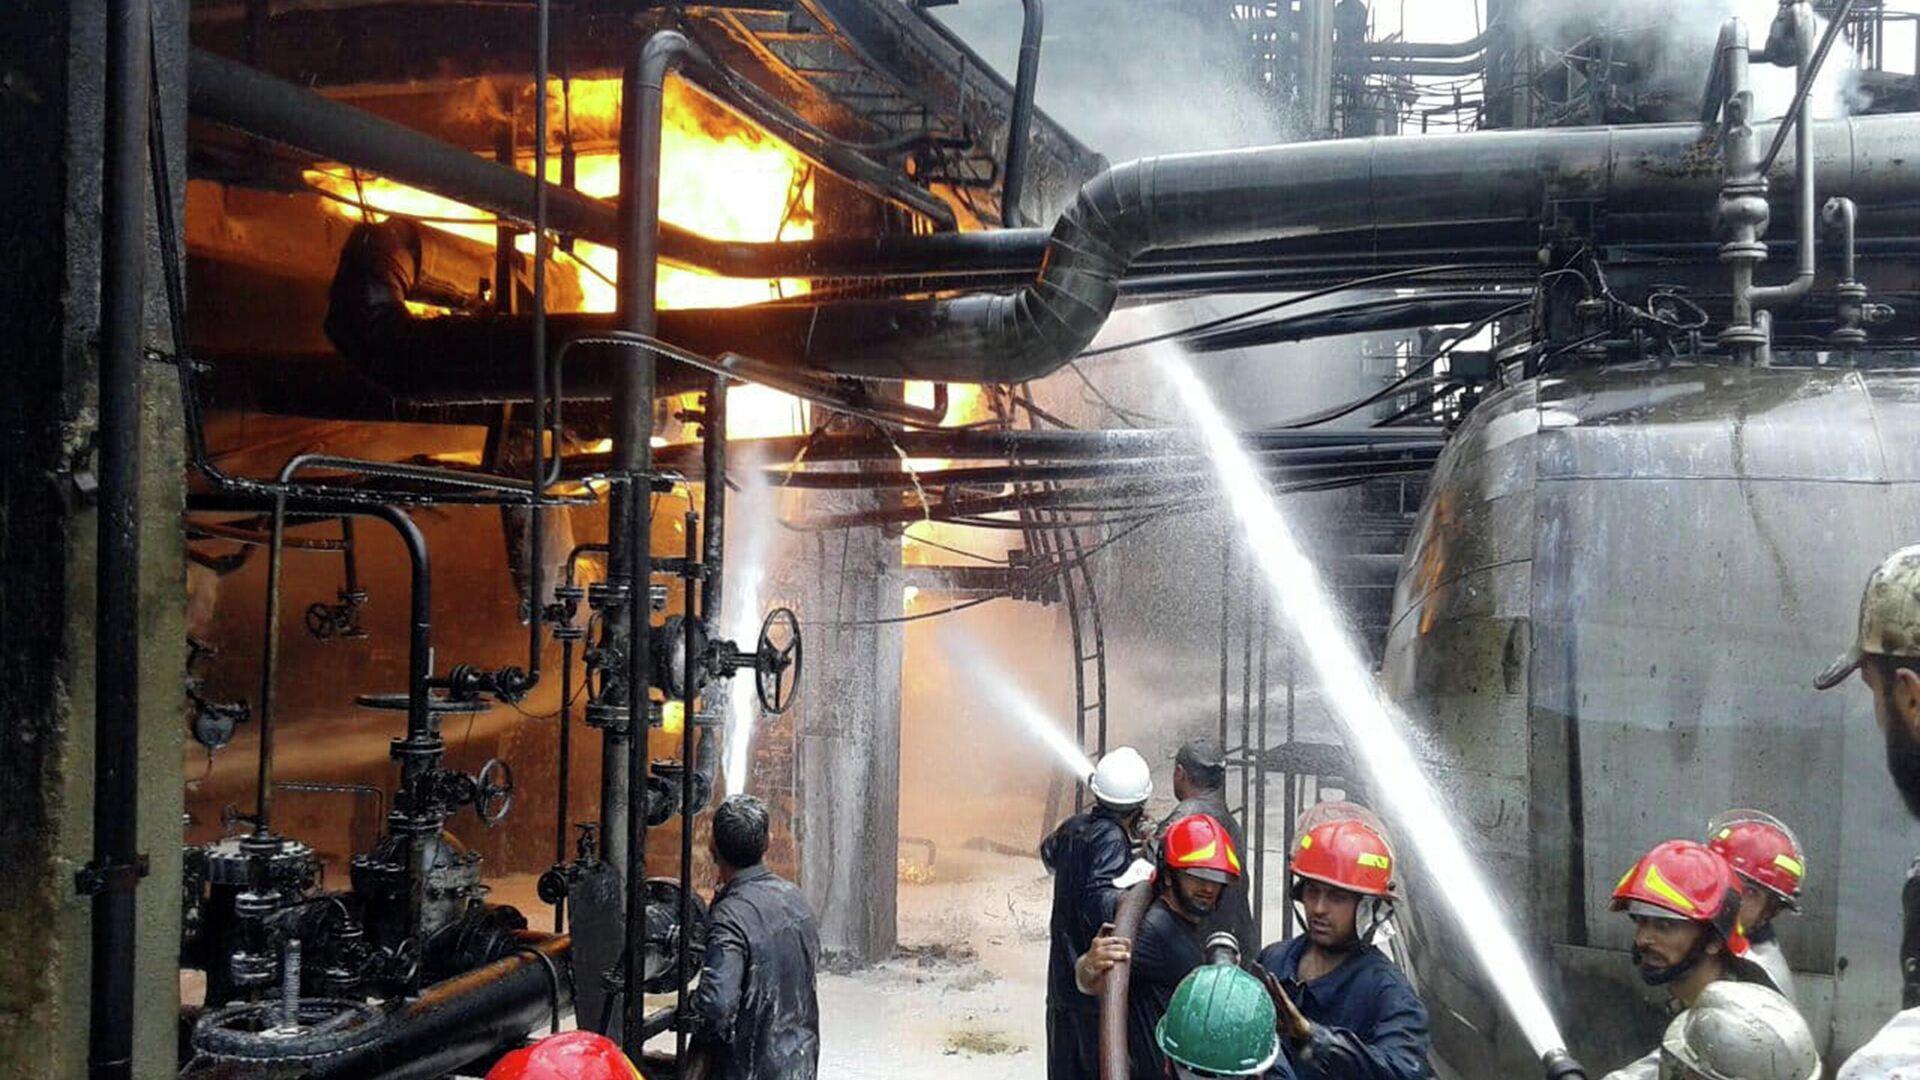 Incendio en una refinería de petróleo de la provincia siria de Homs - Sputnik Mundo, 1920, 09.05.2021